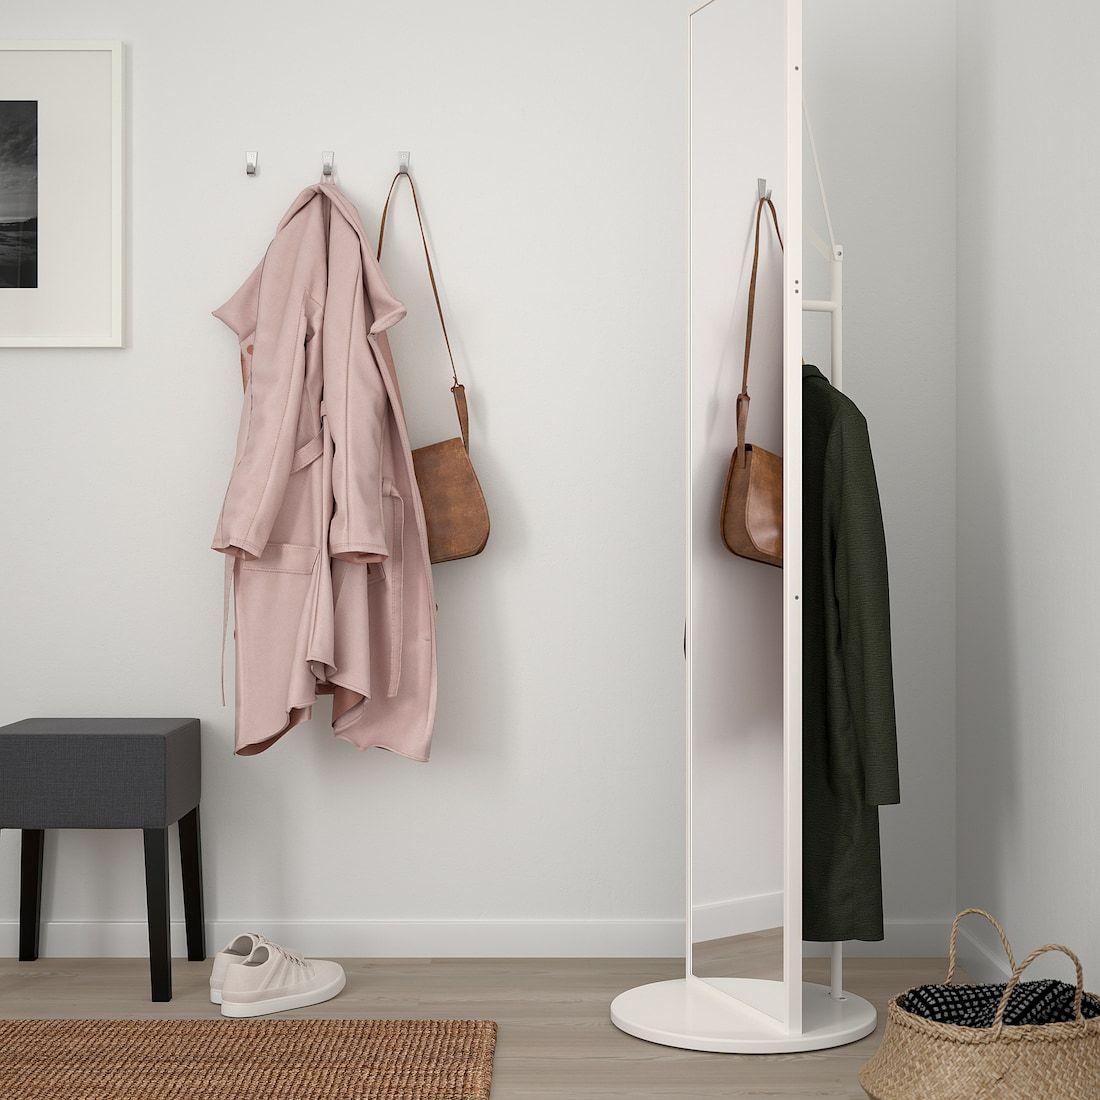 IKEA VENNESLA Table mirror white in 2020 | Home decor